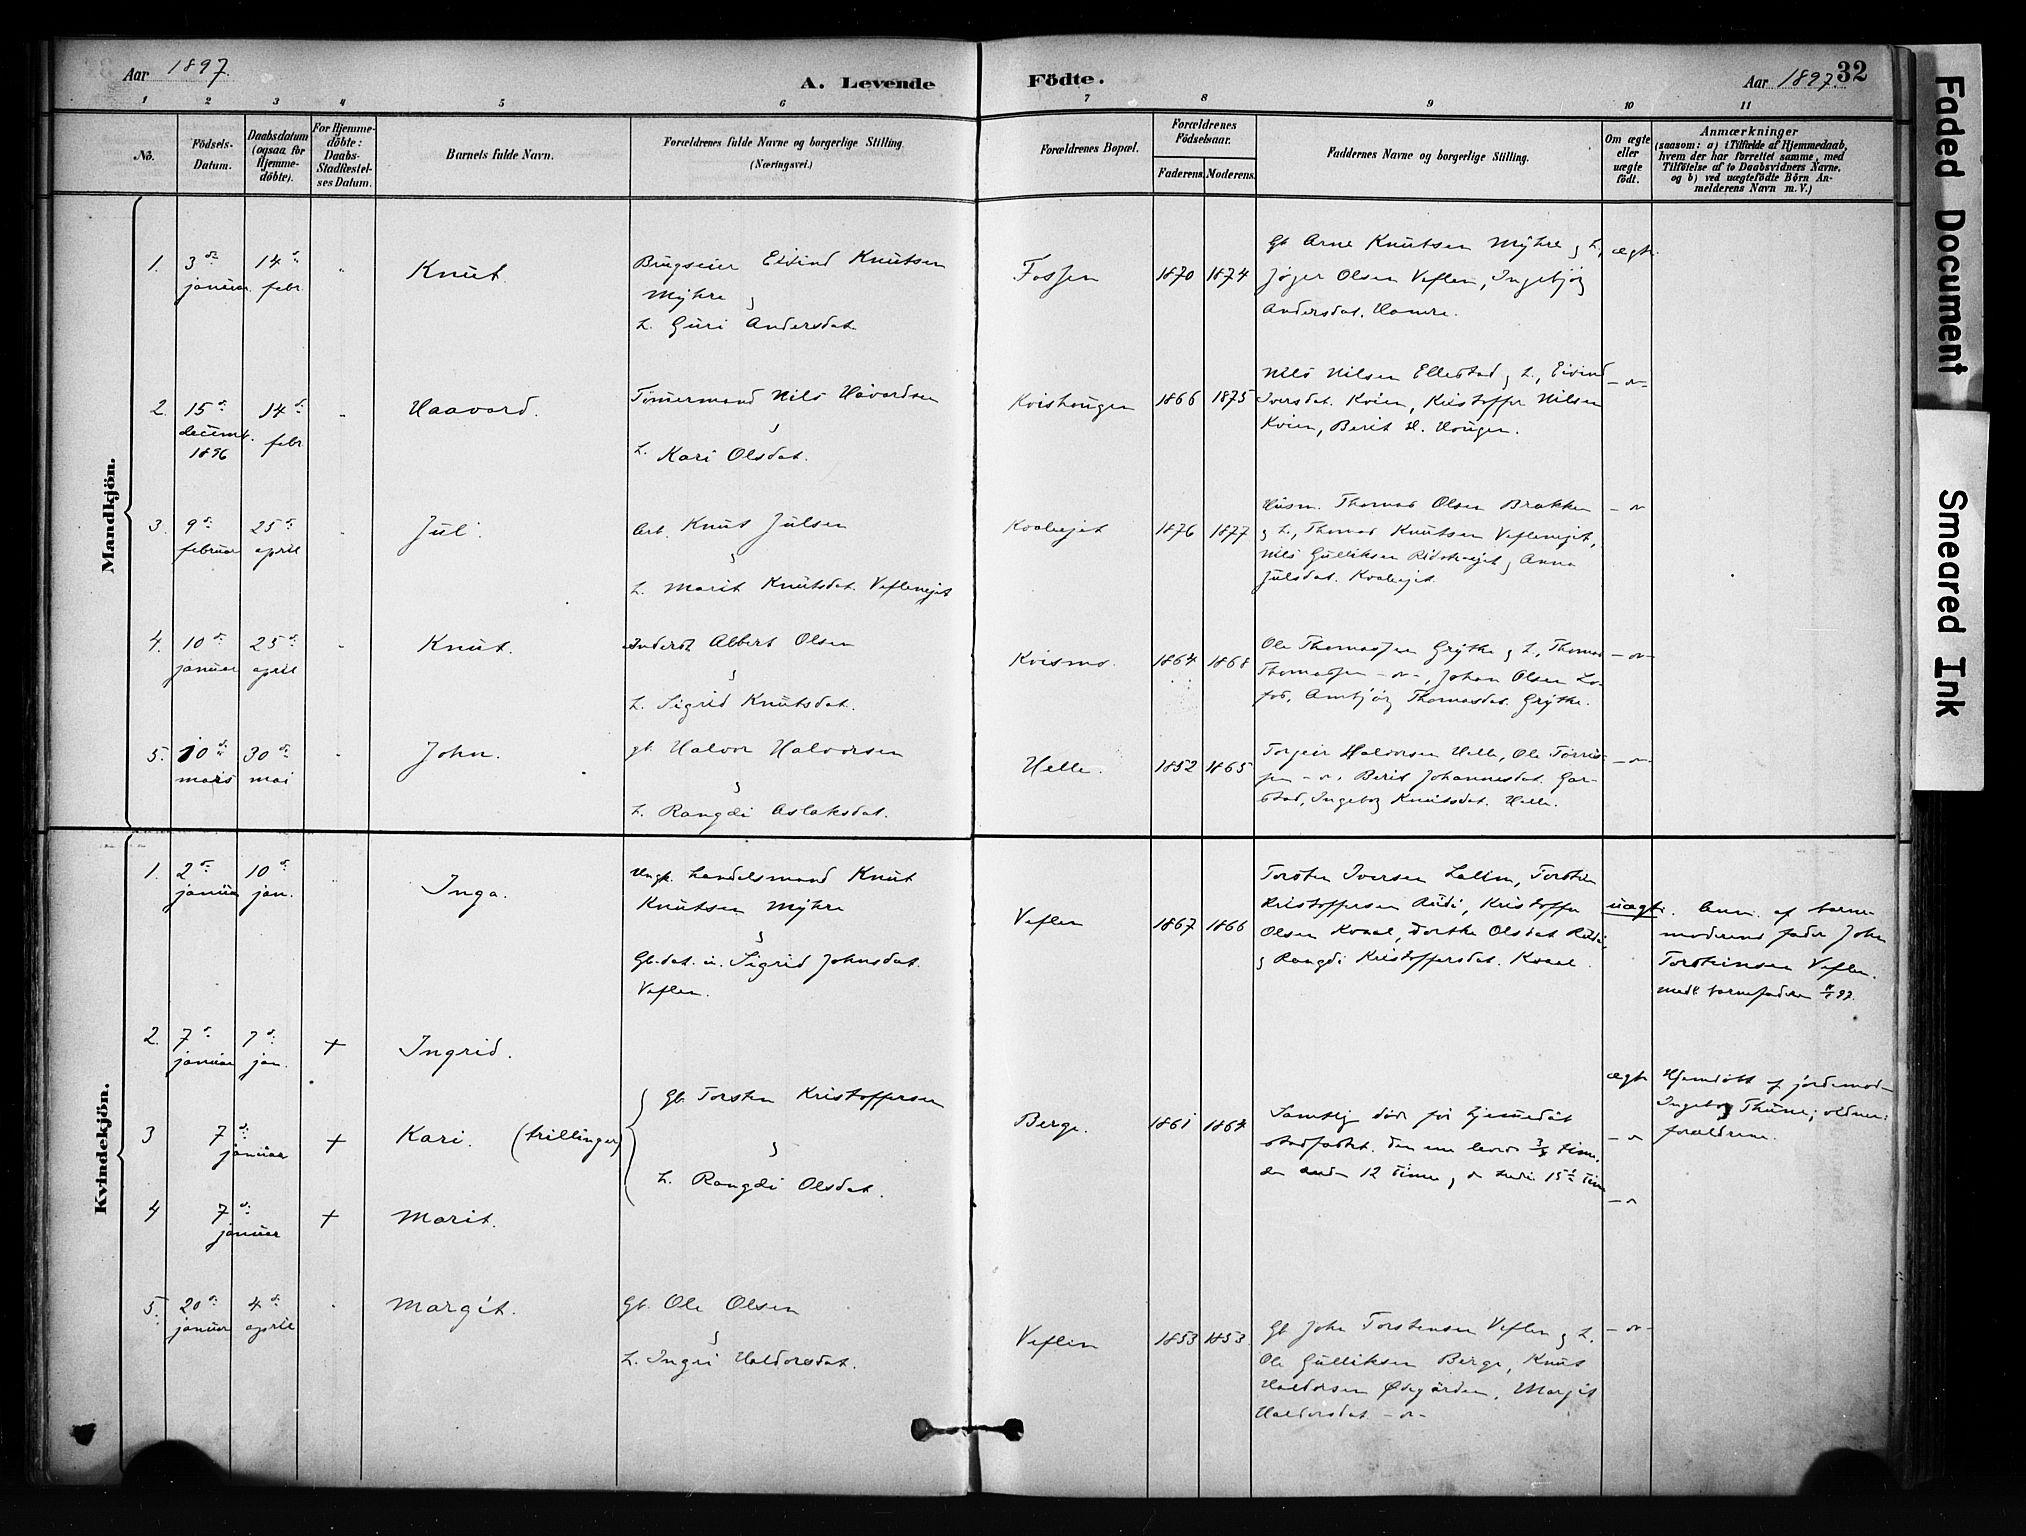 SAH, Vang prestekontor, Valdres, Ministerialbok nr. 9, 1882-1914, s. 32